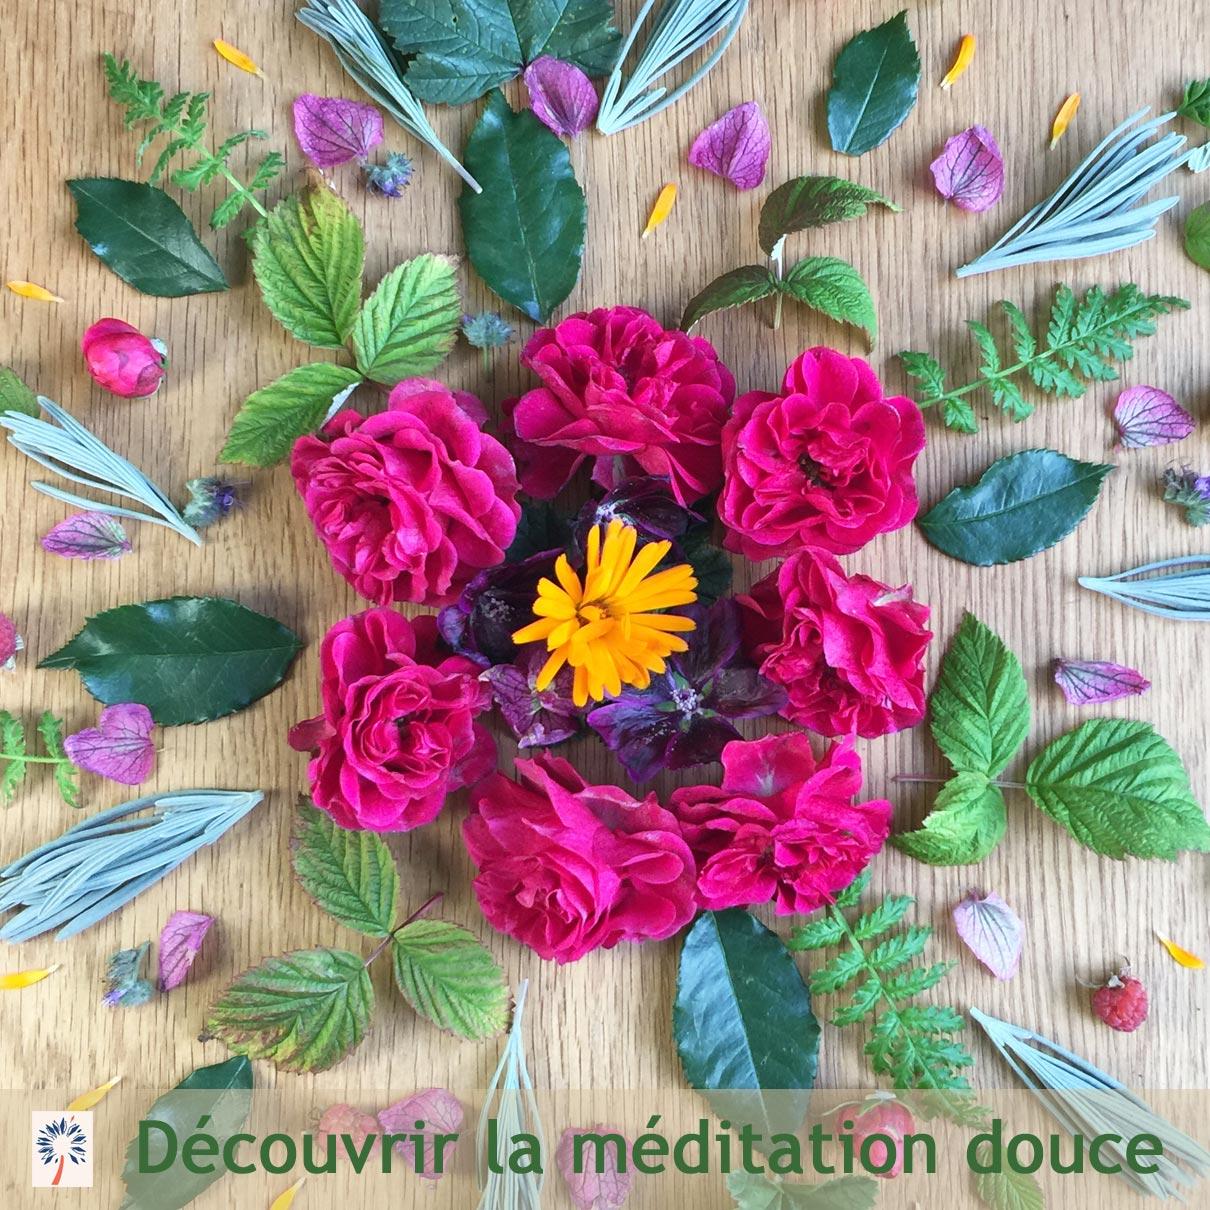 Des cours de méditation à Belfort en Franche-Comté